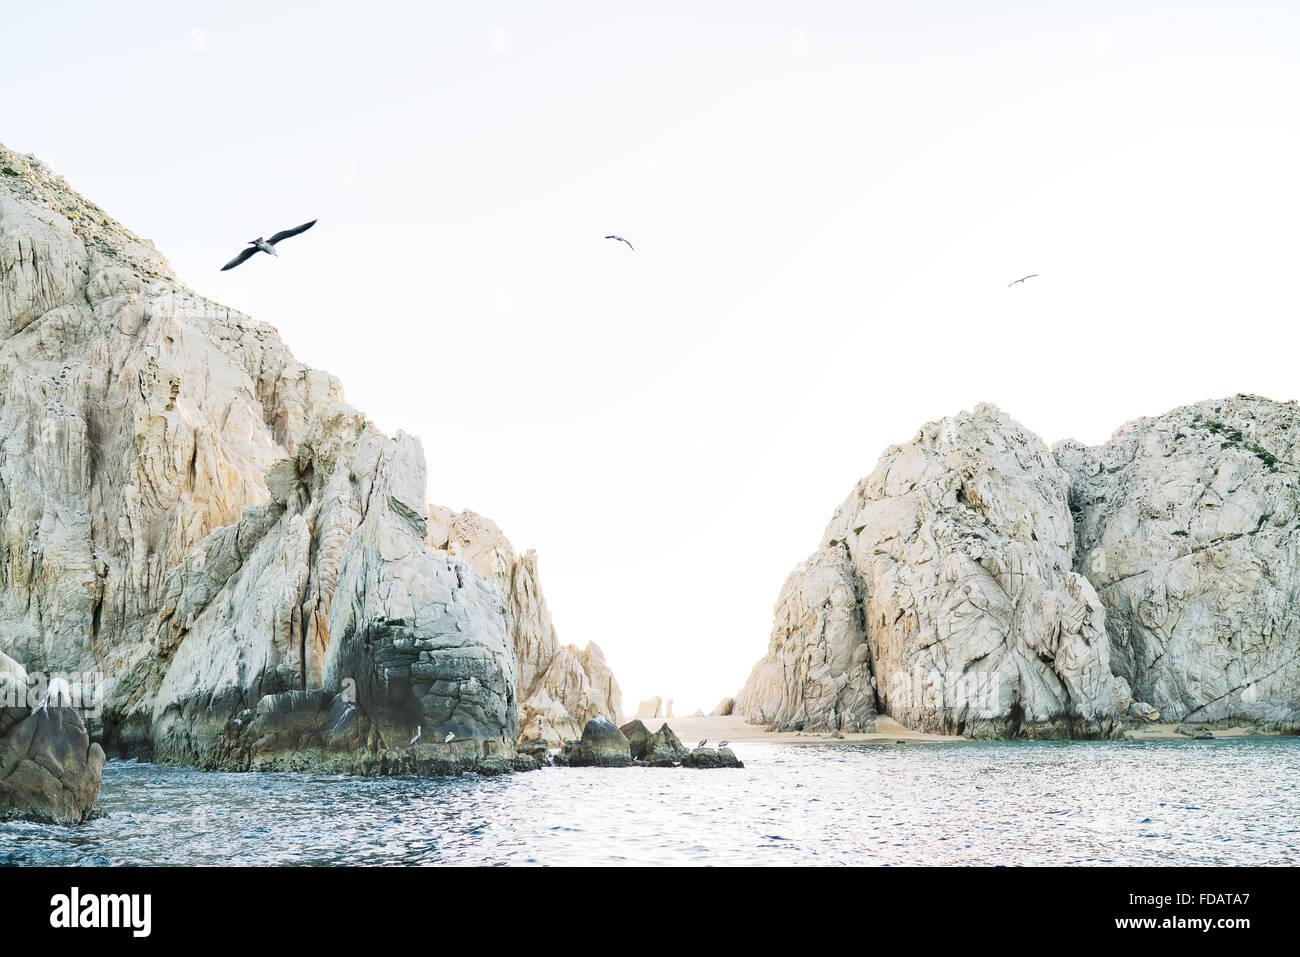 Oiseaux volant au-dessus de l'océan Pacifique et les roches de Cabo San Lucas, Baja California, Mexique Photo Stock